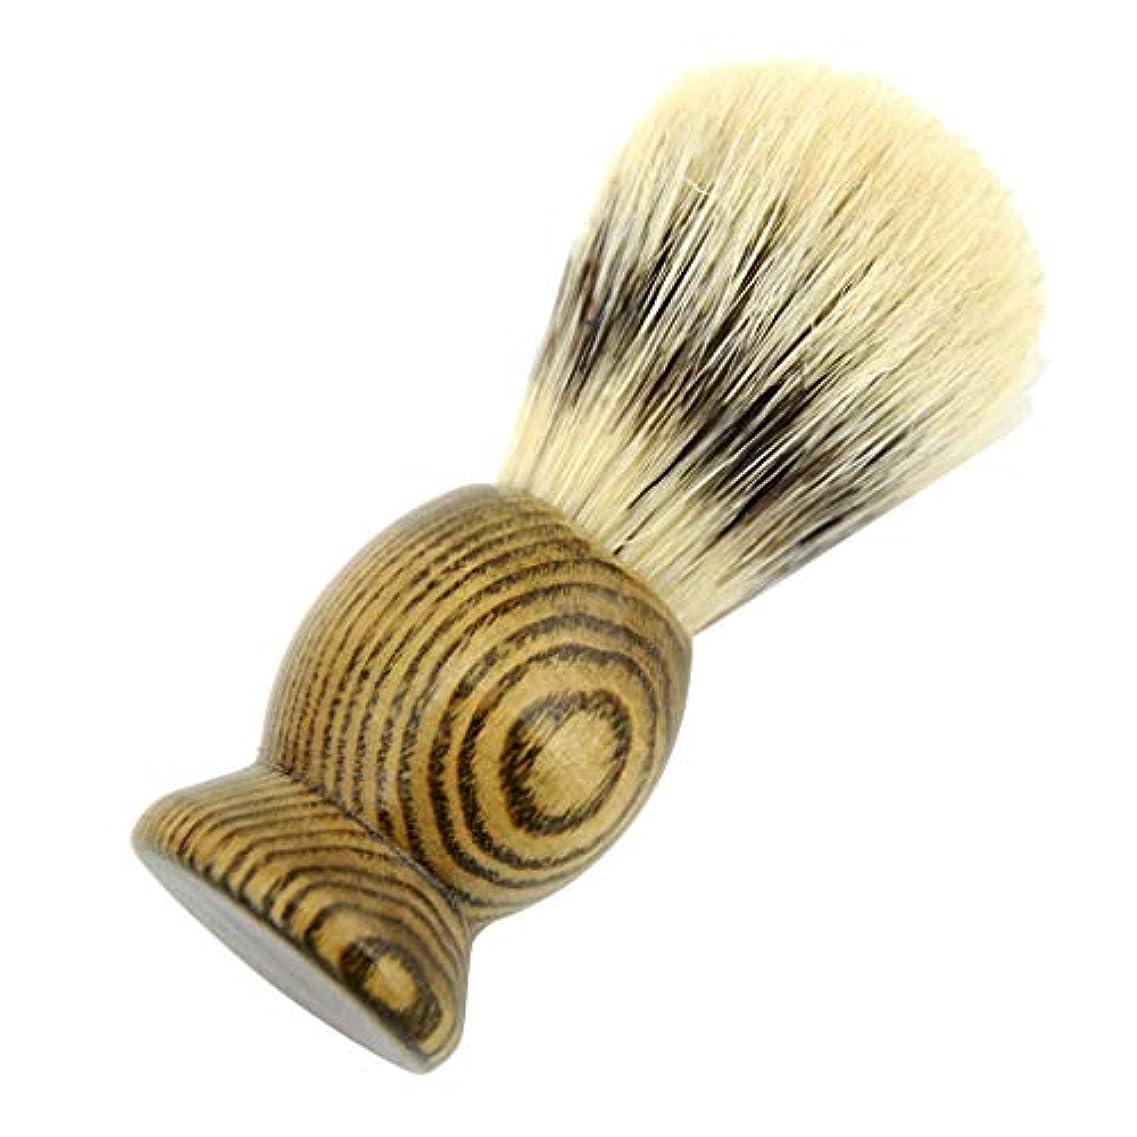 ティッシュ座る止まるメンズ シェービング用ブラシ 理容 洗顔 髭剃り 泡立ち サロン 家庭用 シェービング用アクセサリー